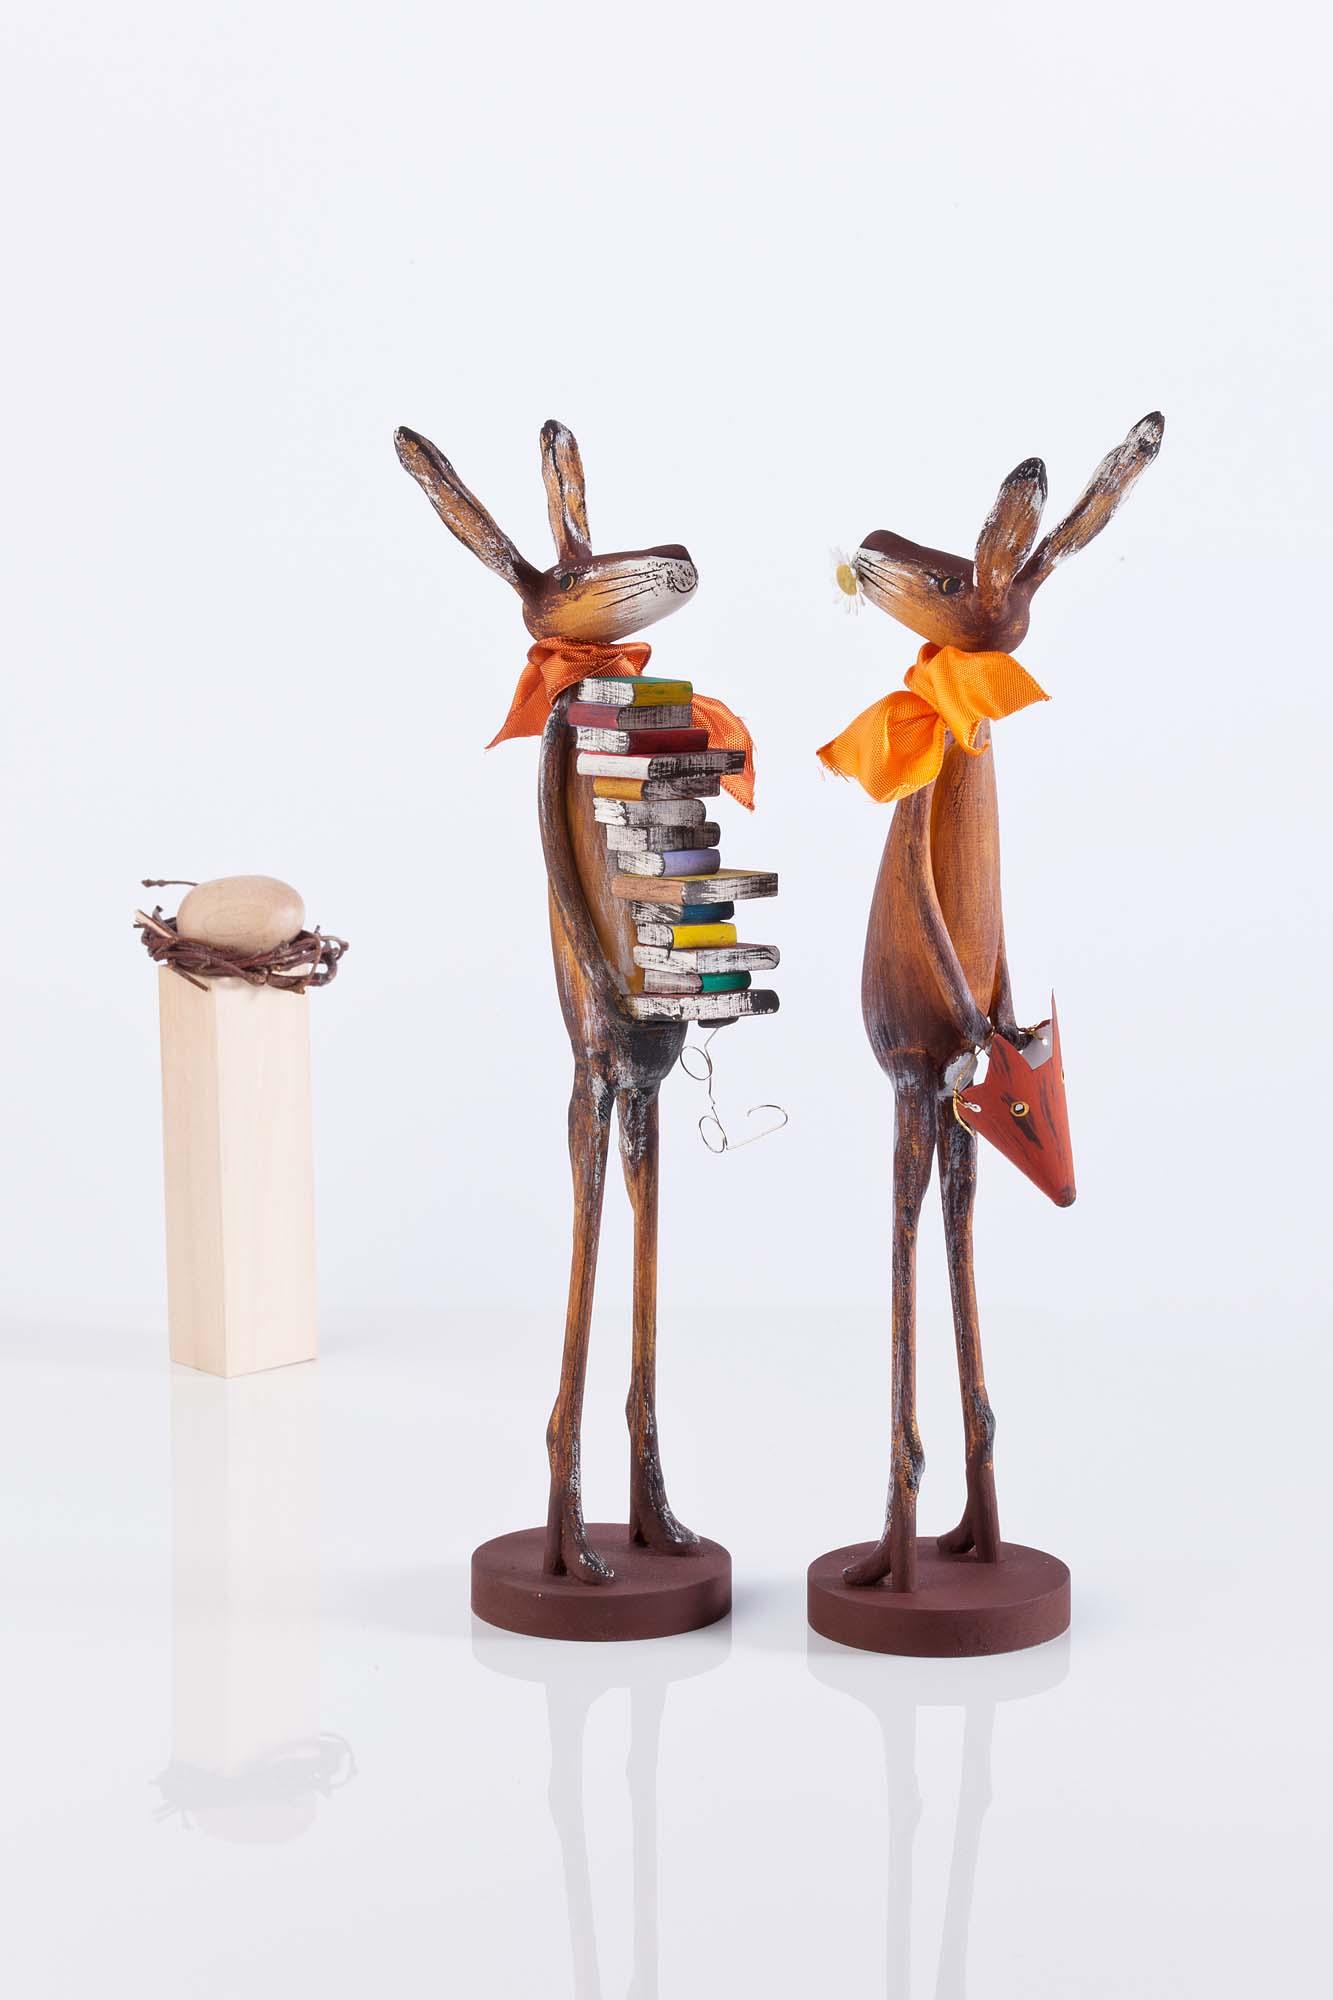 Bücherschreck und Hasenschreck ca. 30cm hoch